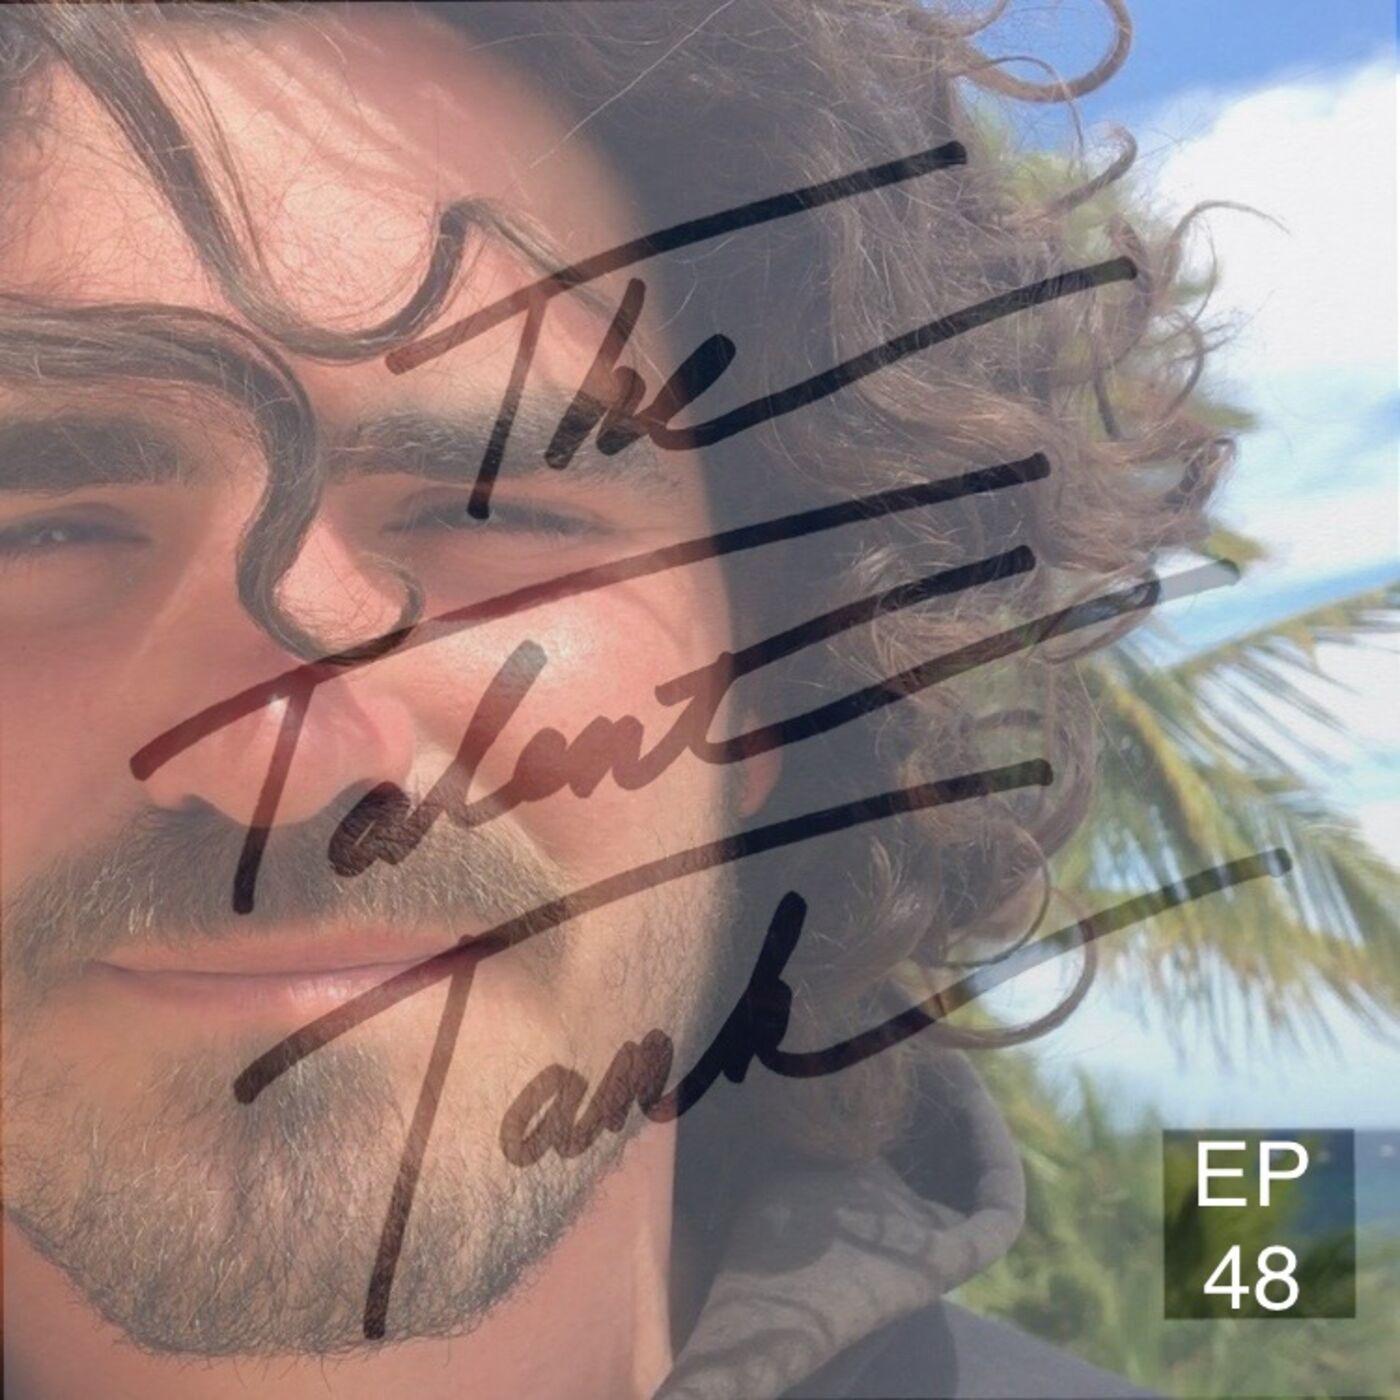 EP 48 Kyle Seggelin